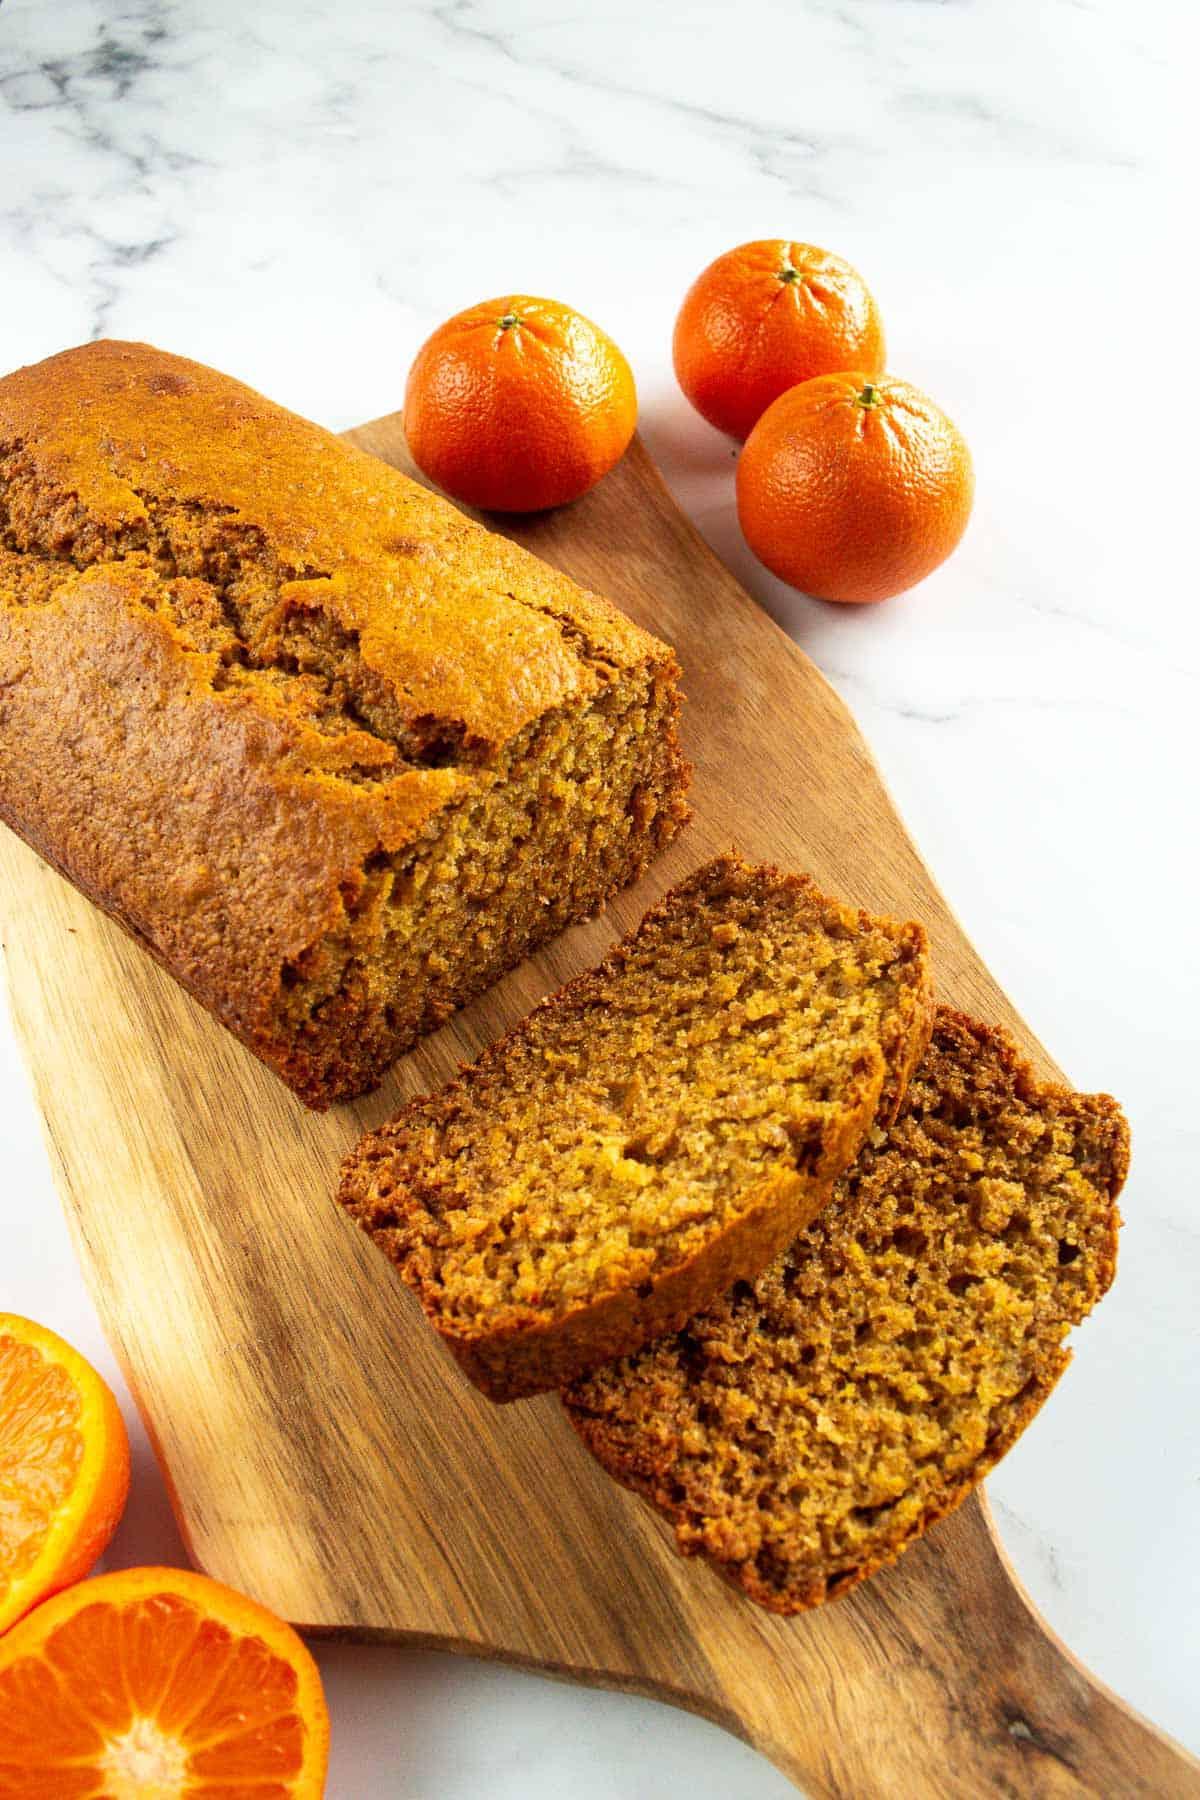 Sliced orange loaf with oranges on the side.